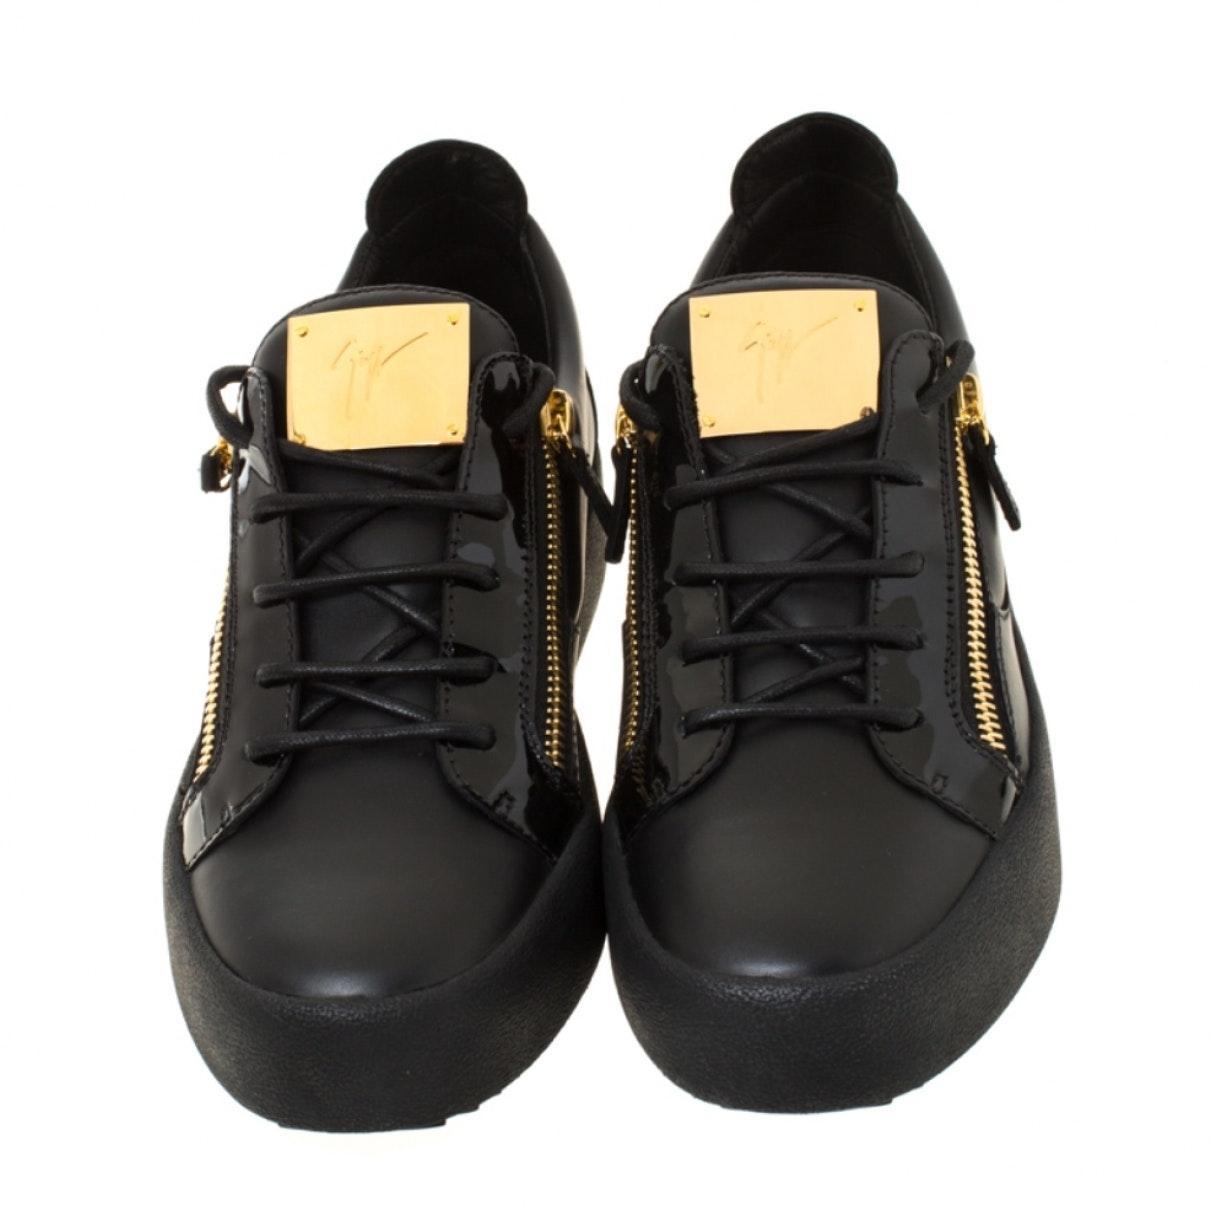 Deportivas en cuero negro Giuseppe Zanotti de Cuero de color Negro para hombre